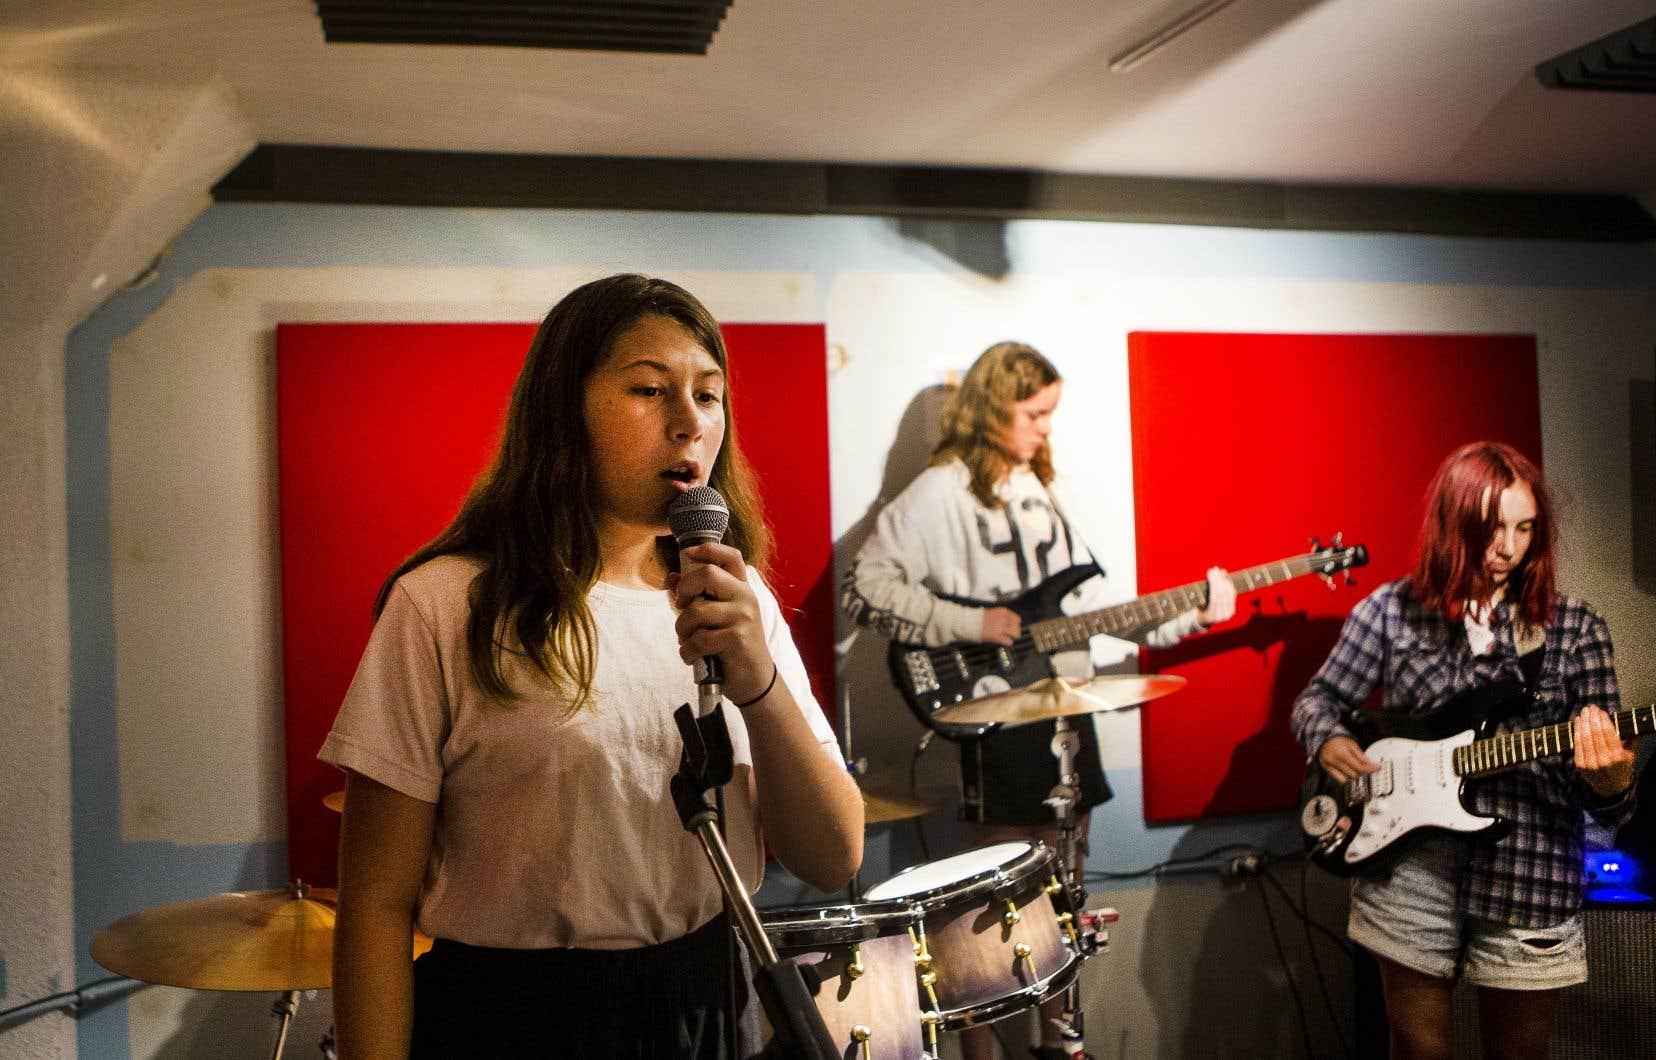 Lancée au début de l'été, à Verdun, l'École du rock de Montréal propose aux jeunes de 7 à 17 ans de découvrir l'univers de ce style musical. Sur la photo, Maolie Lacombe au chant, Ophélie Séguin à la basse et Noëlle West à la guitare, plus tôt cette semaine, lors d'une session musicale.